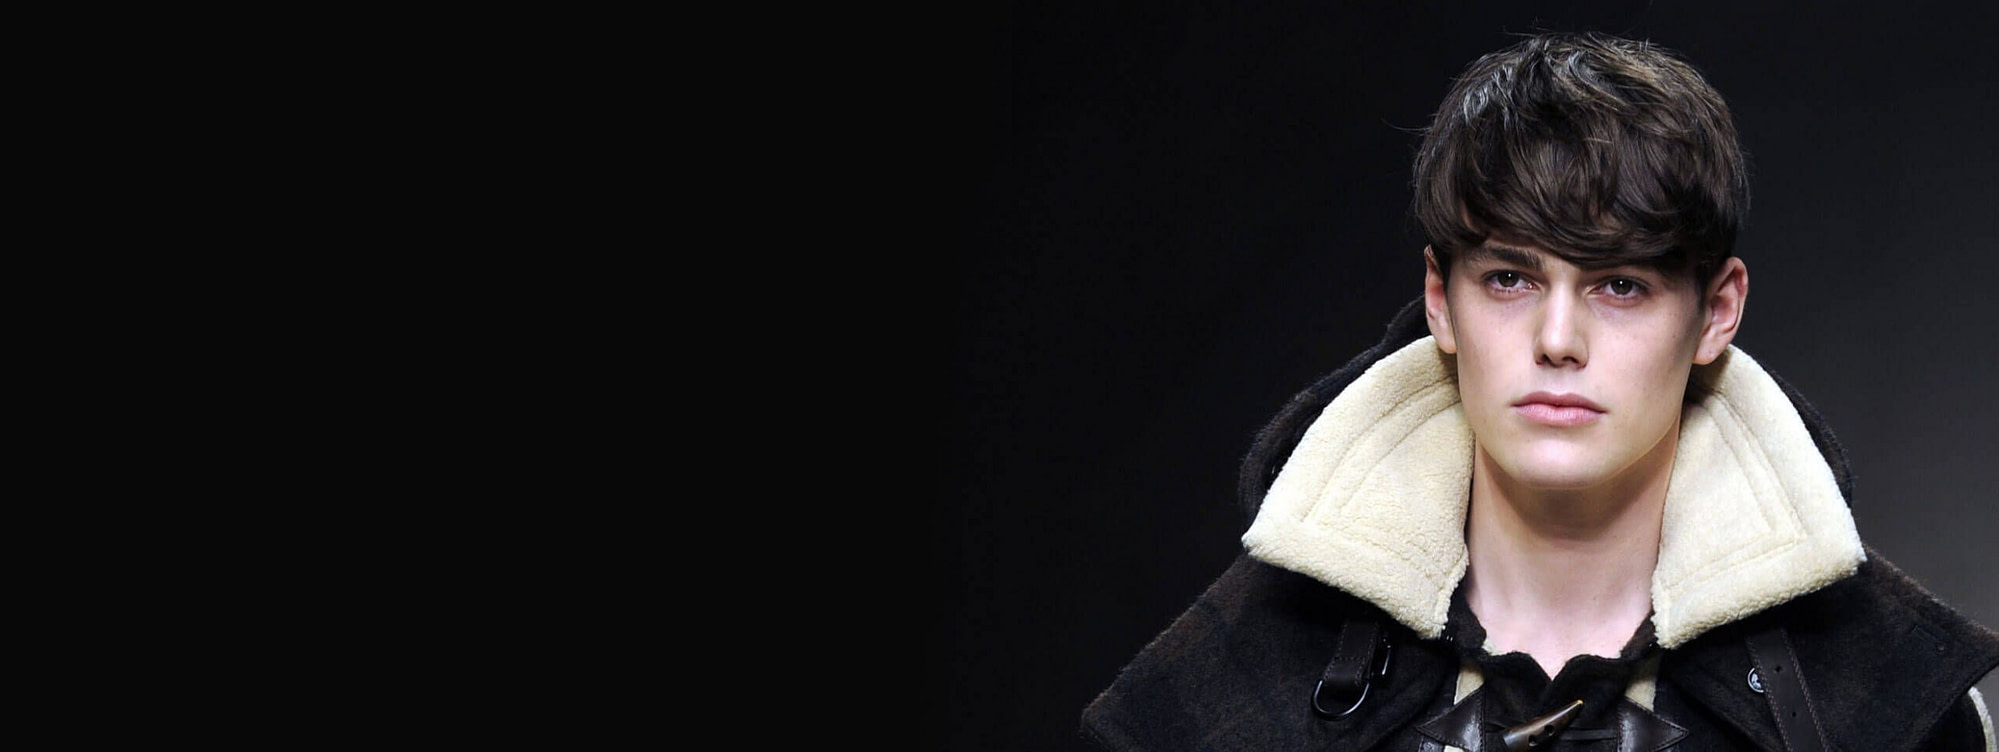 Frisuren Für Männer: Das Kommt Im Herbst Und Winter - 30er Jahre Frisur Männer